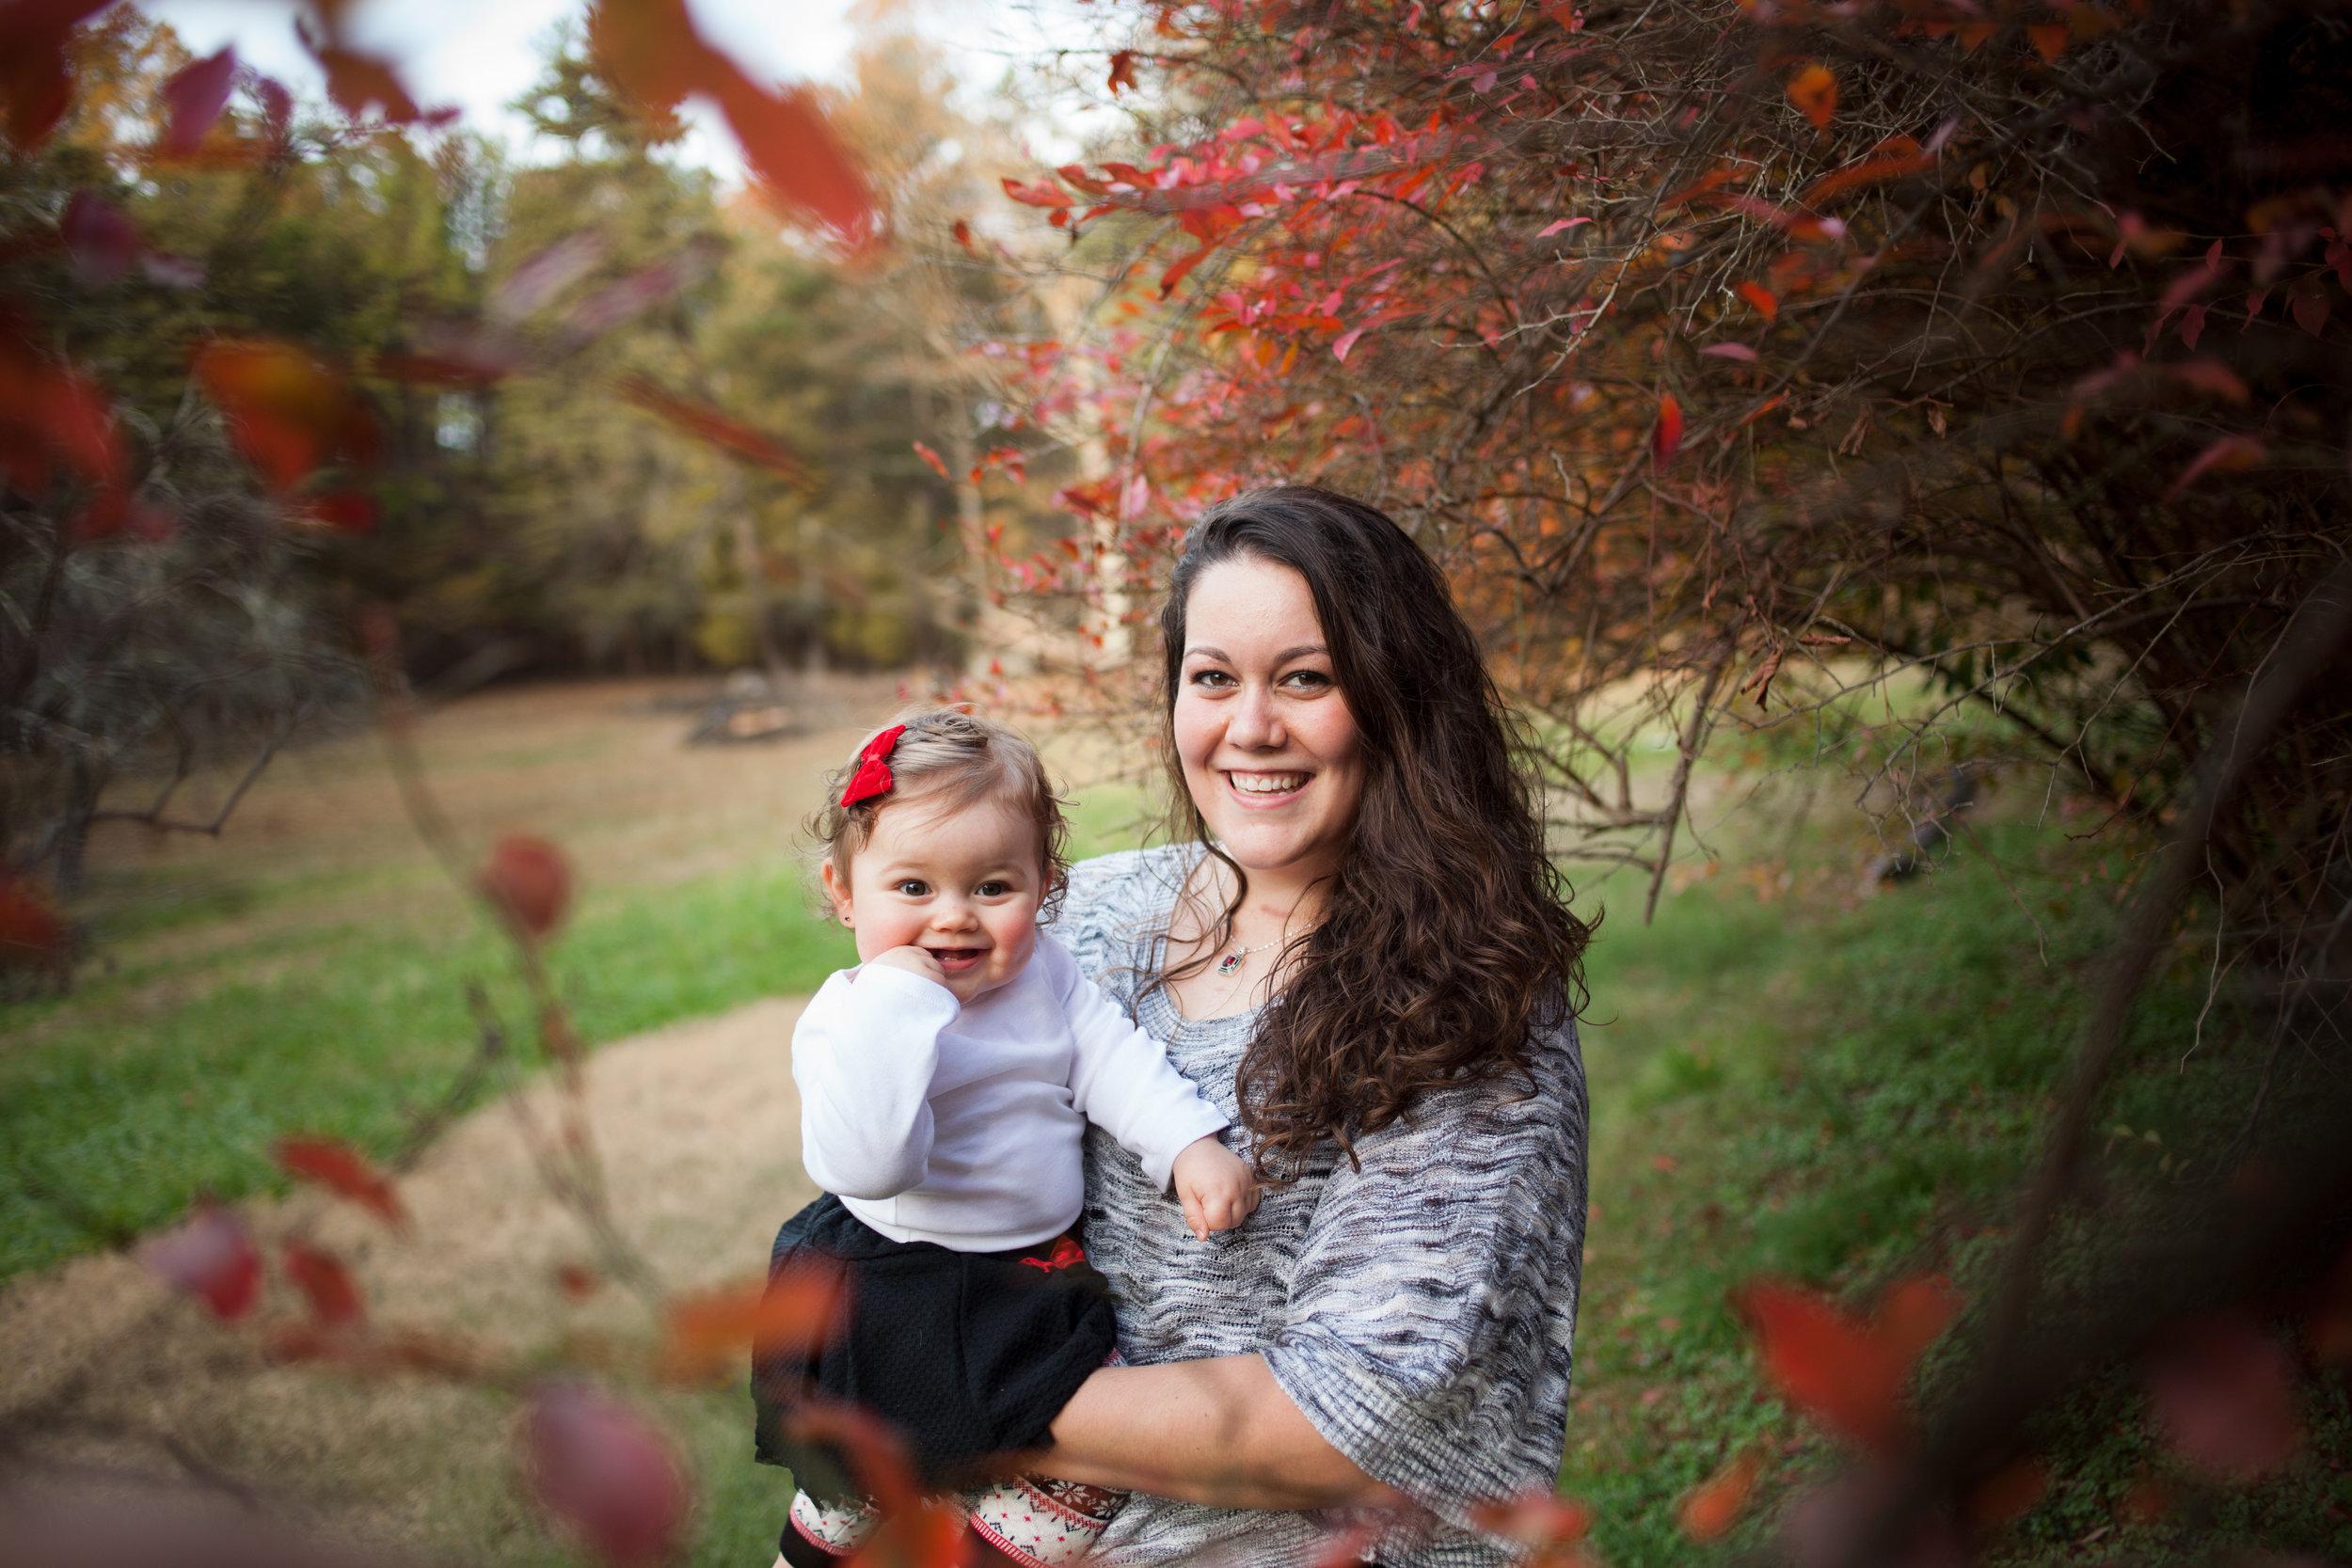 mother-daughter-portrait-zoe-litaker.jpg